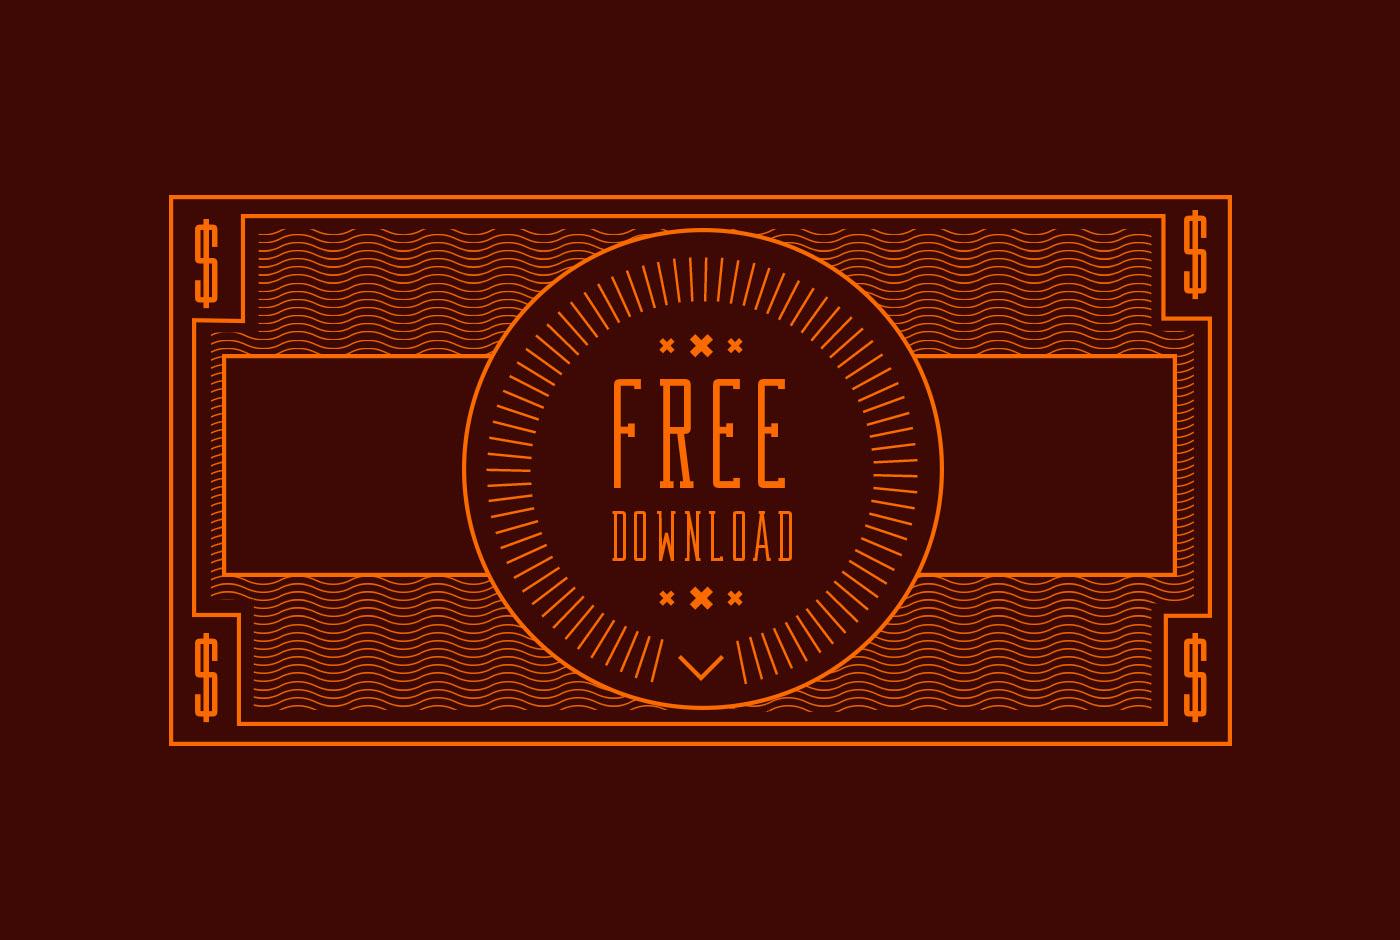 Maquinada Free Font - serif, sans-serif